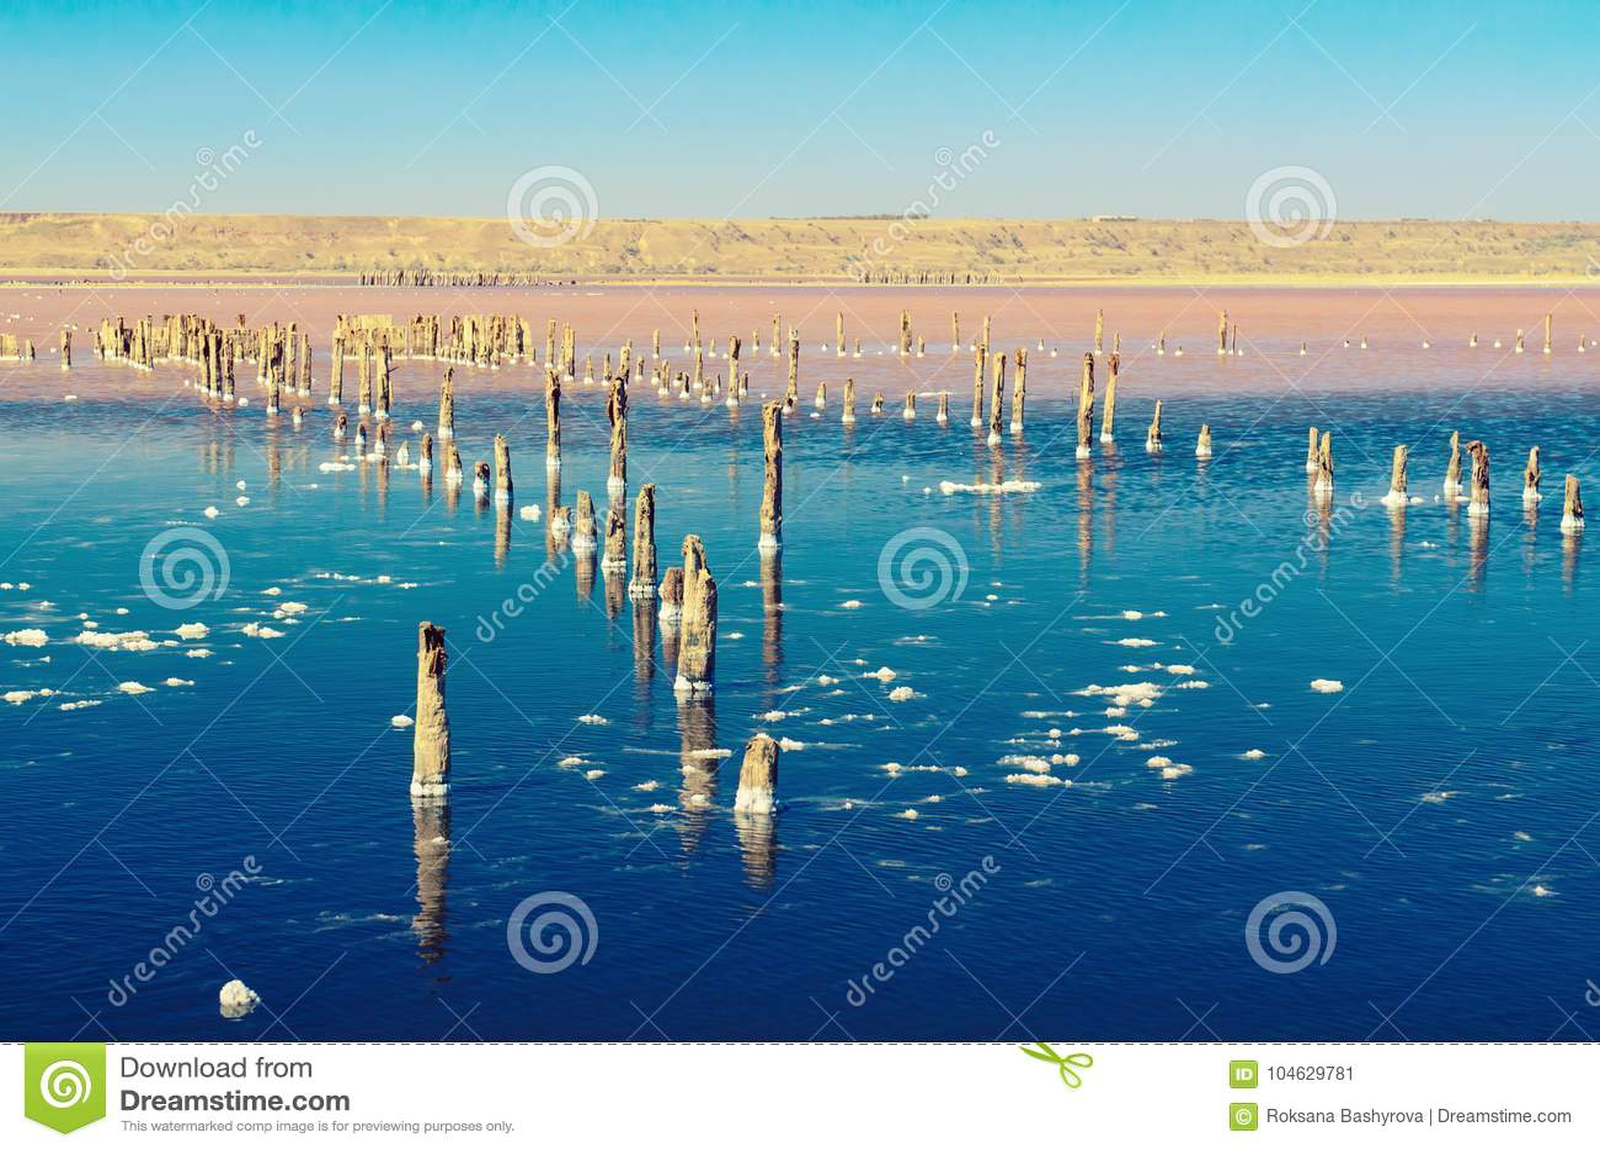 Download Mooi zout meer stock afbeelding. Afbeelding bestaande uit achtergrond - 104629781